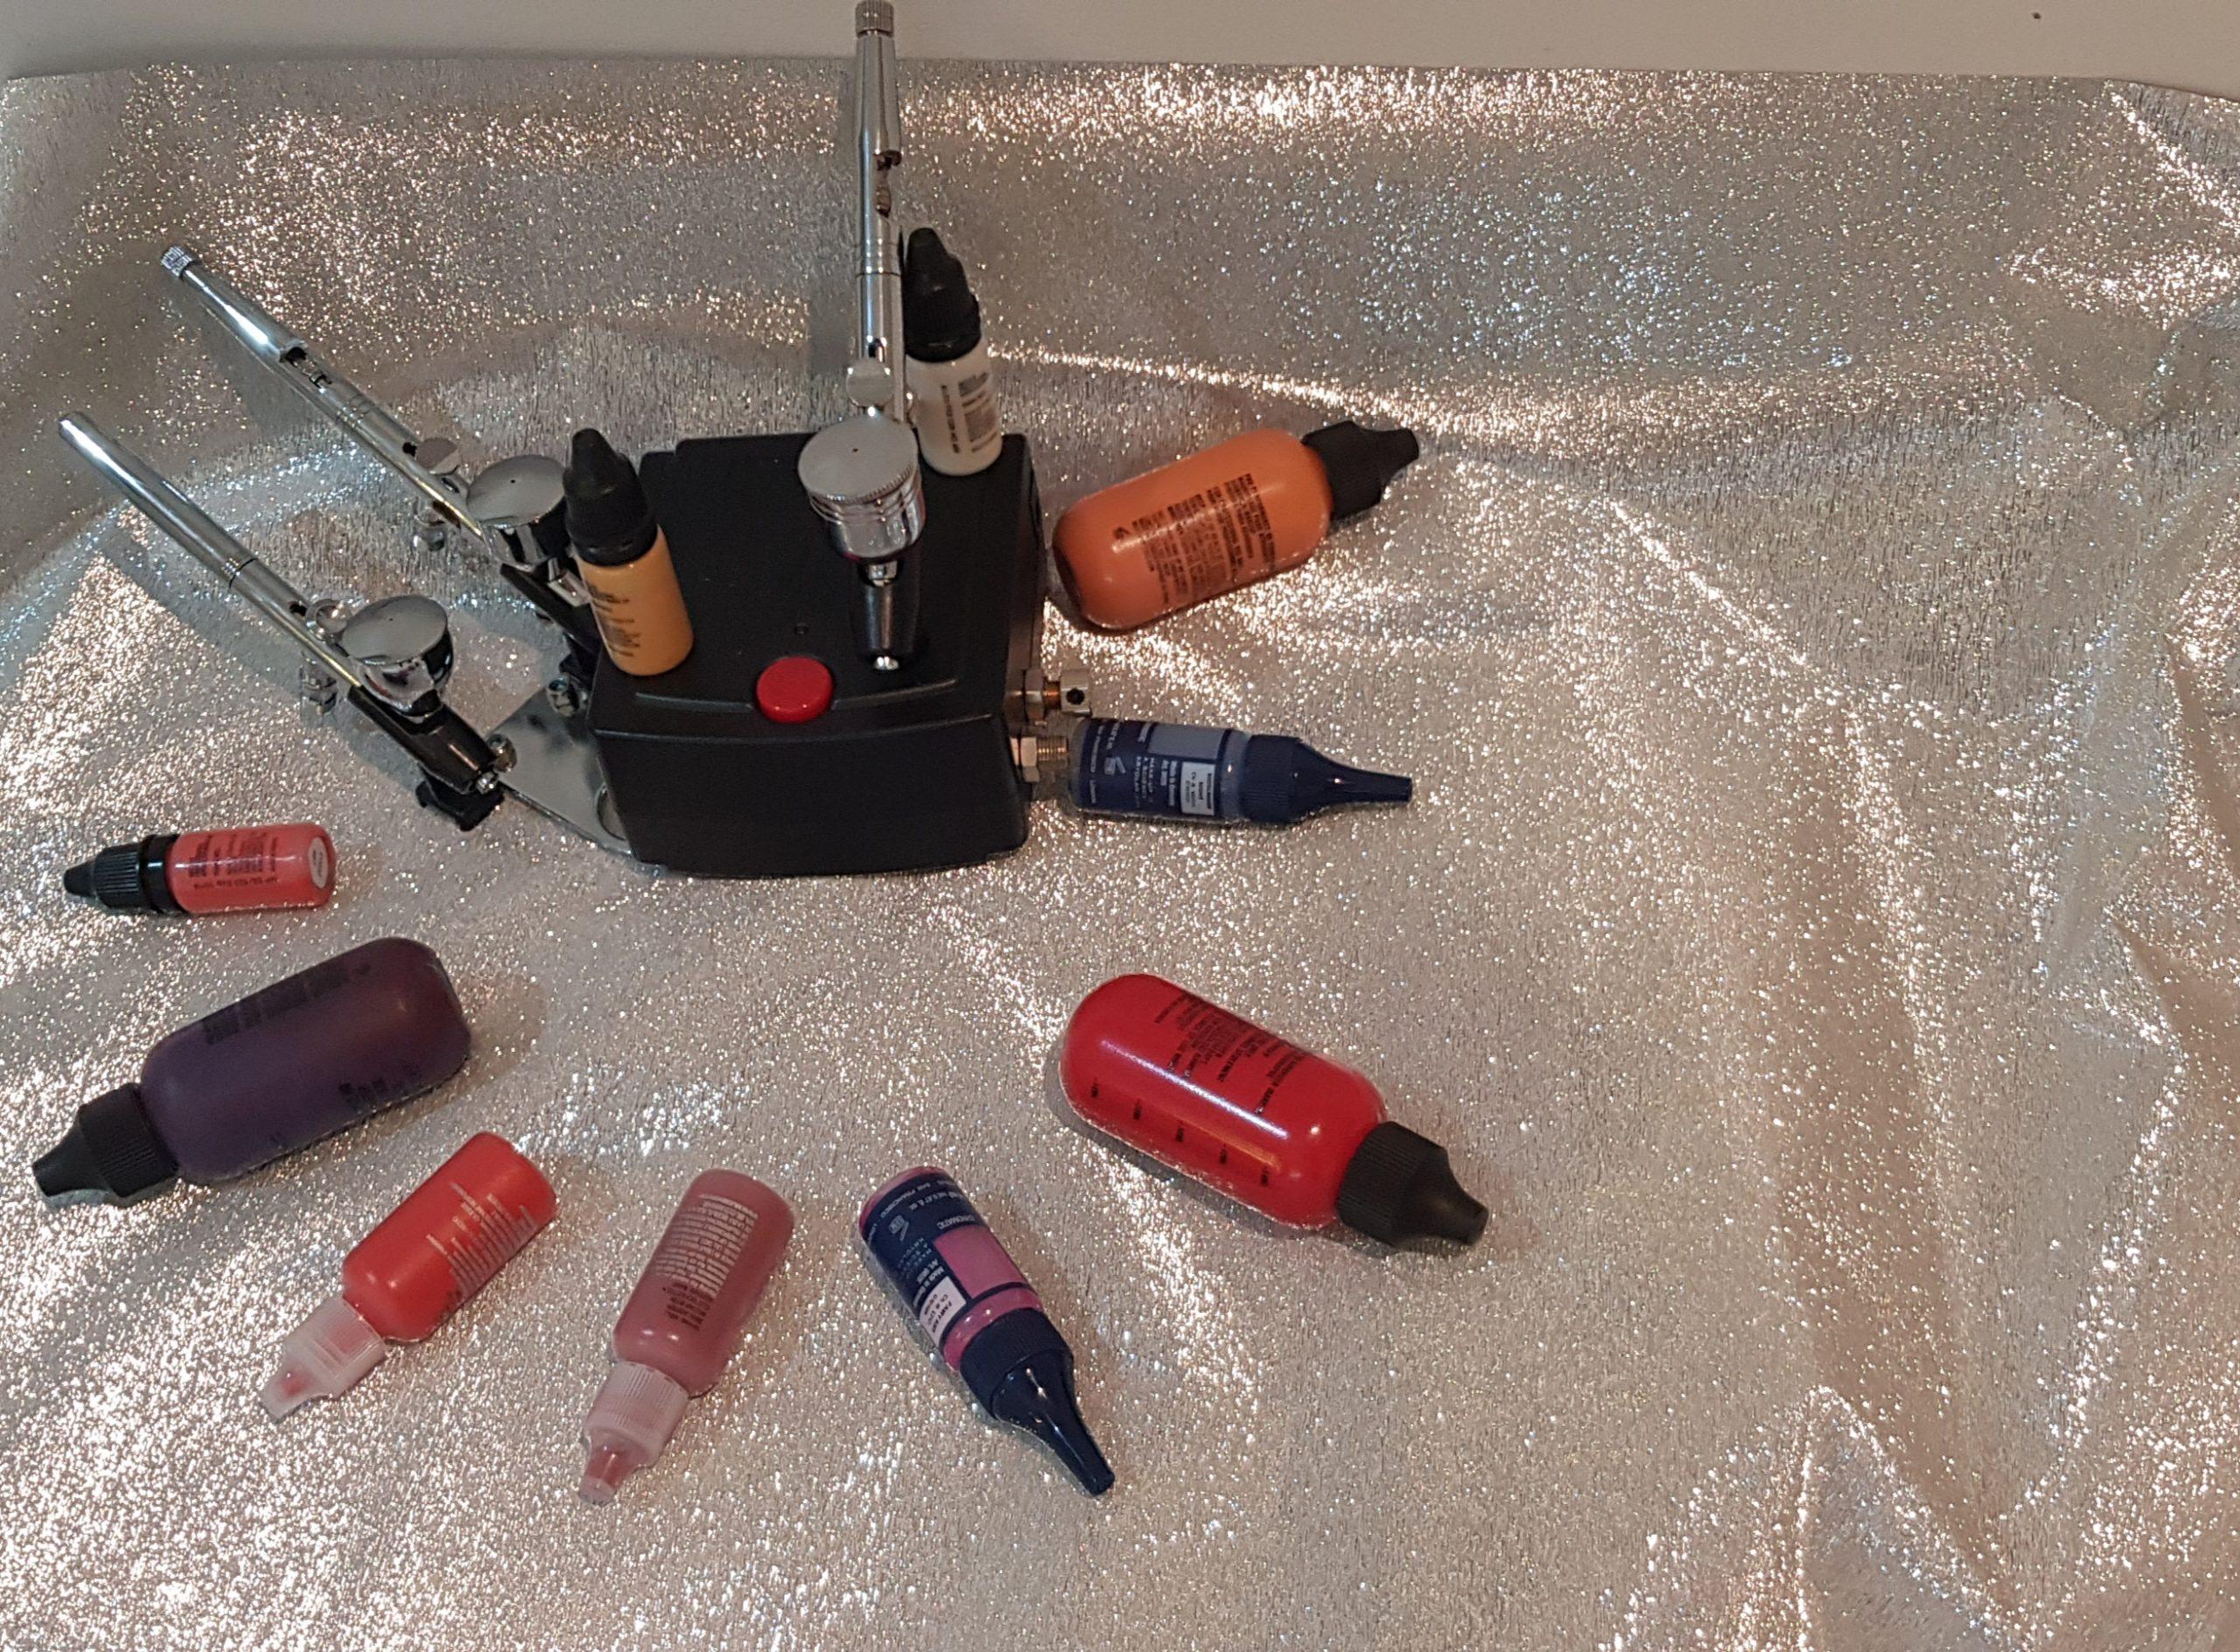 Kit Aerografo, alcuni prodotti trucco di base silicone